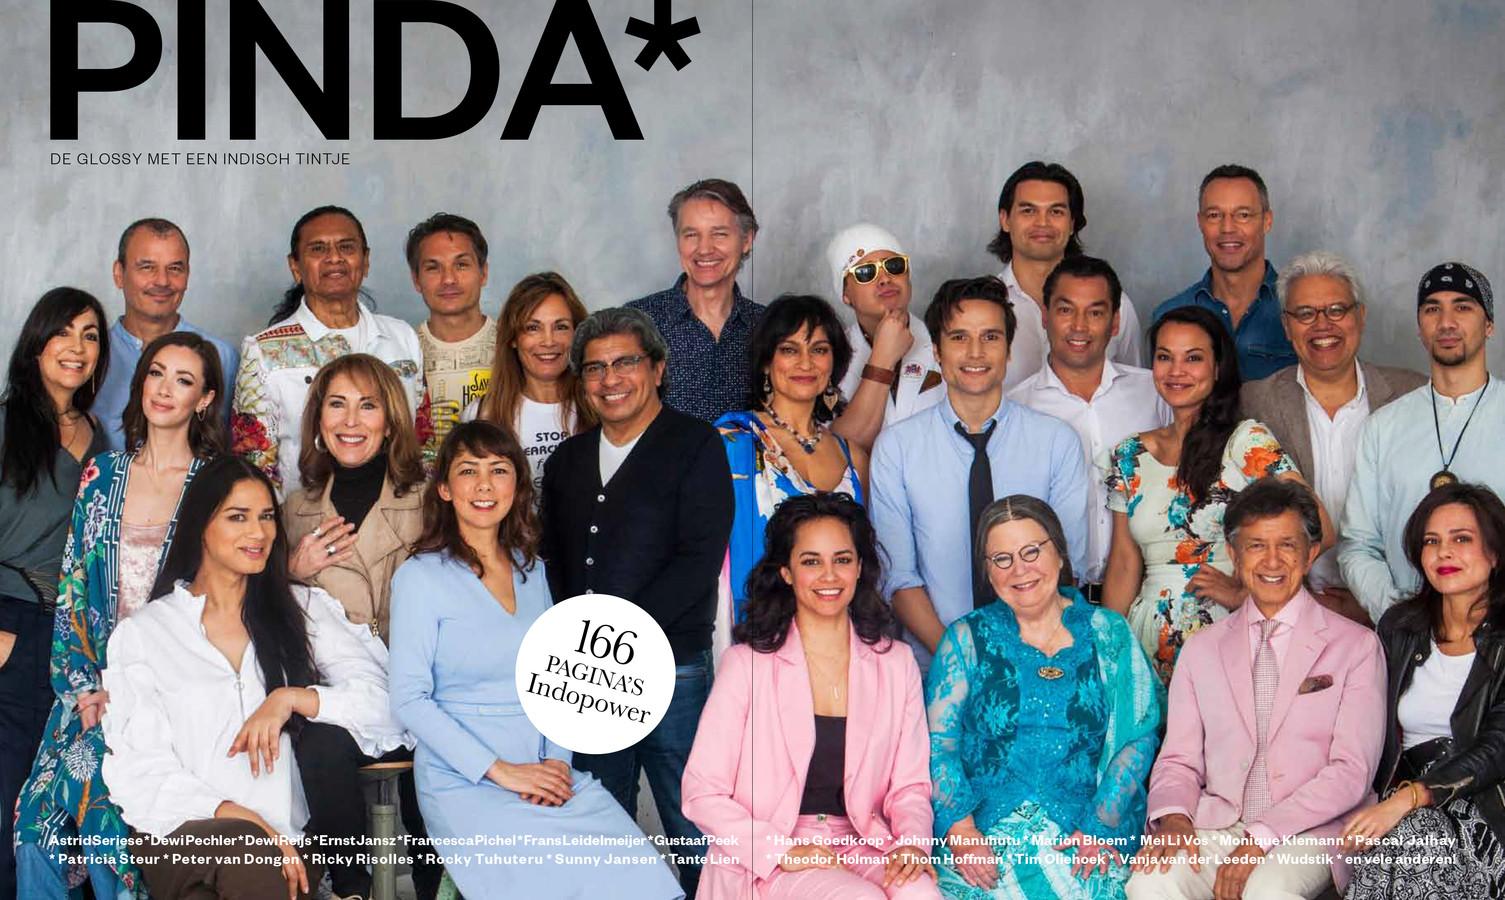 19 september 2019 verschijnt PINDA* de glossy met een Indisch tintje.